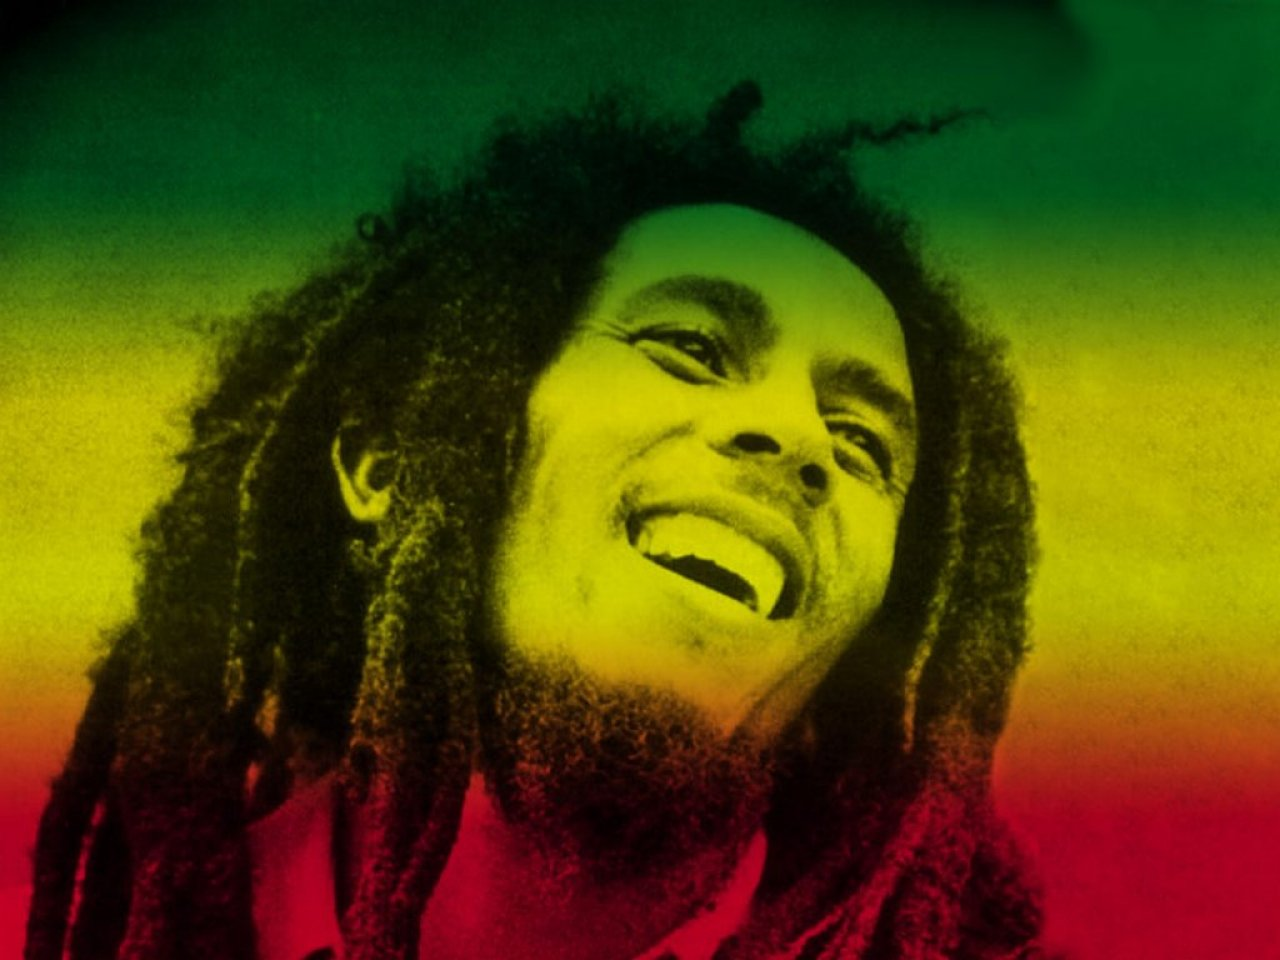 http://1.bp.blogspot.com/_CztjjK2d8vY/THVEbfocQBI/AAAAAAAAABY/XpUDo-TxEn4/s1600/306472Bob_Marley_wallpaper_picture_image_free_music_Reggae_desktop_wallpaper_1280.jpg